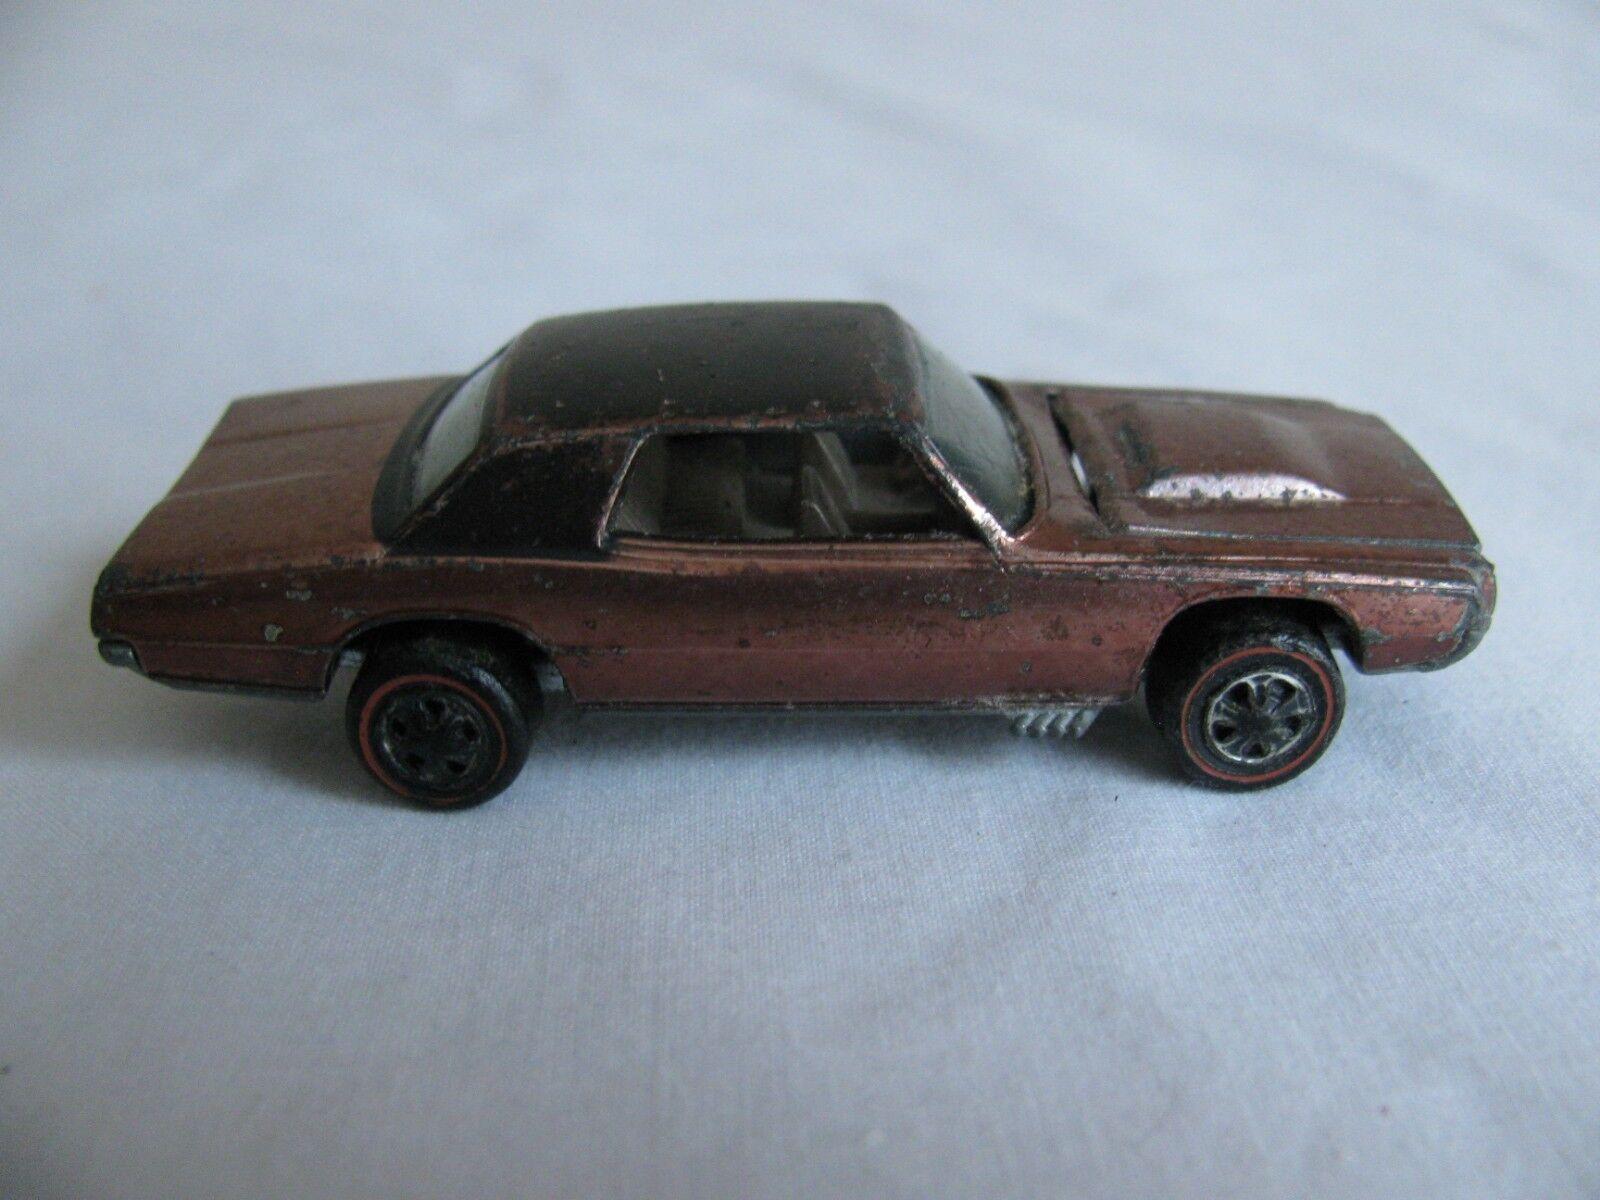 Vintage 1967-68 Mattel Hot Wheels rossoline Marronee con nero Superior Personalizado T Pájaro